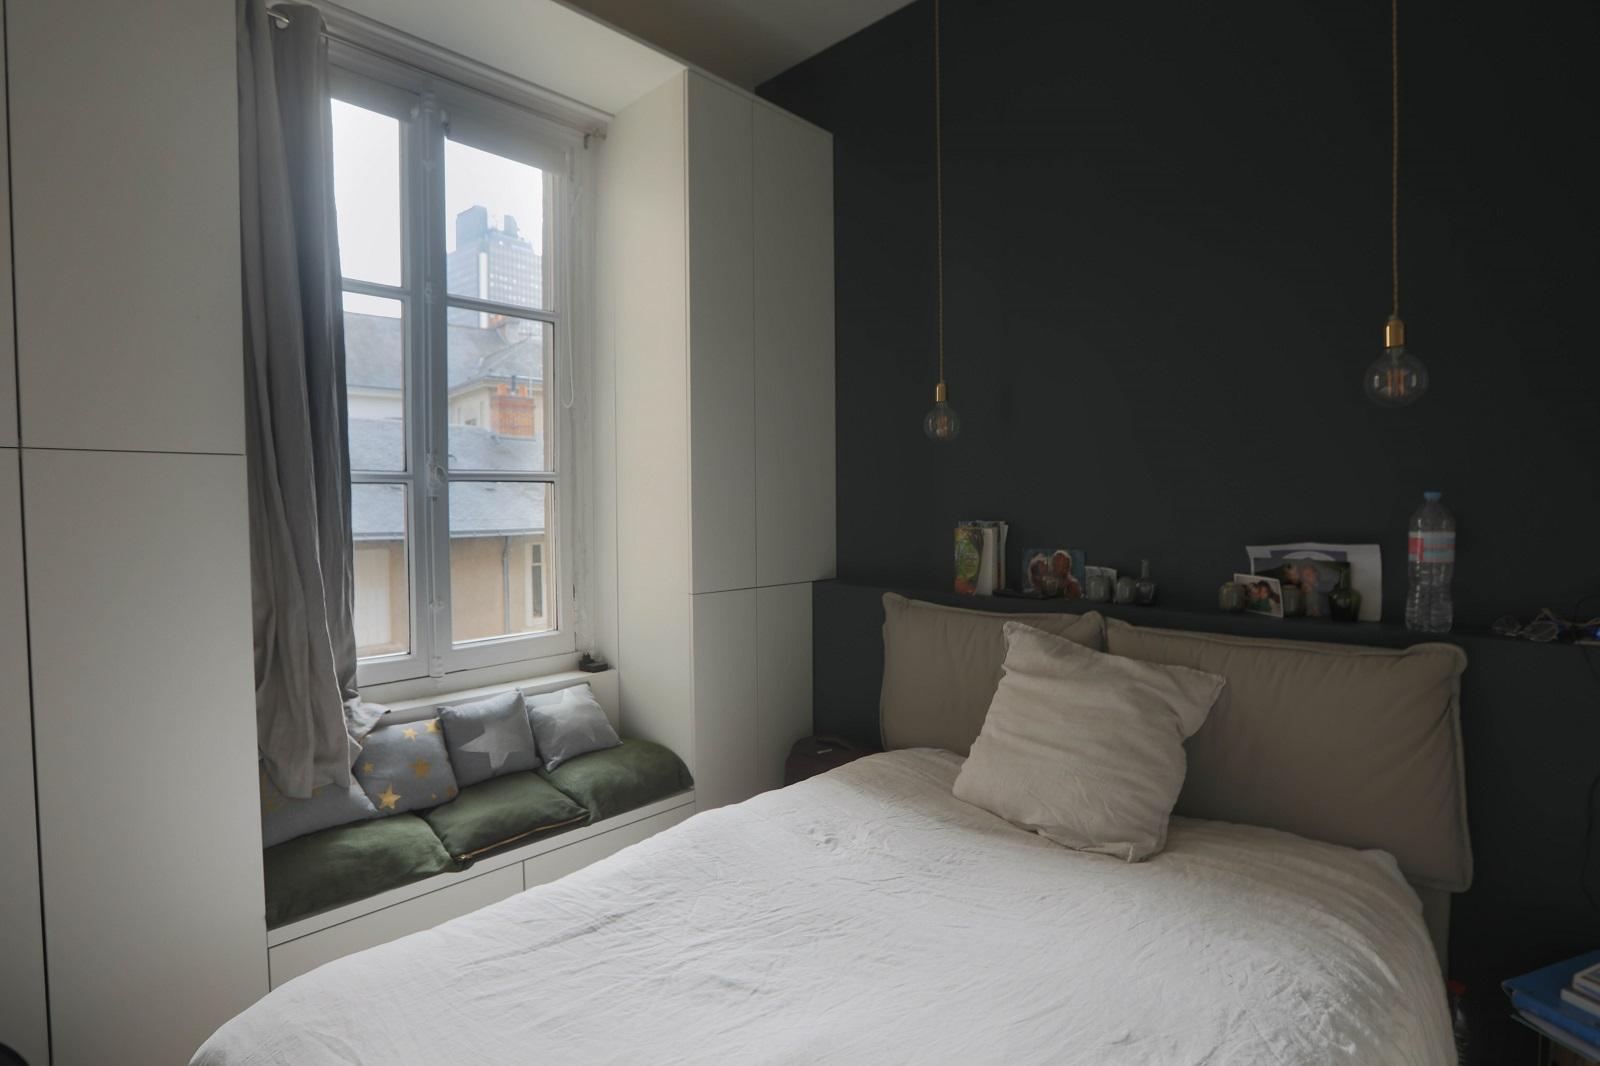 banc sous fenetre banquette sous fenetre banquette sous fenetre coin detente dijon sous. Black Bedroom Furniture Sets. Home Design Ideas